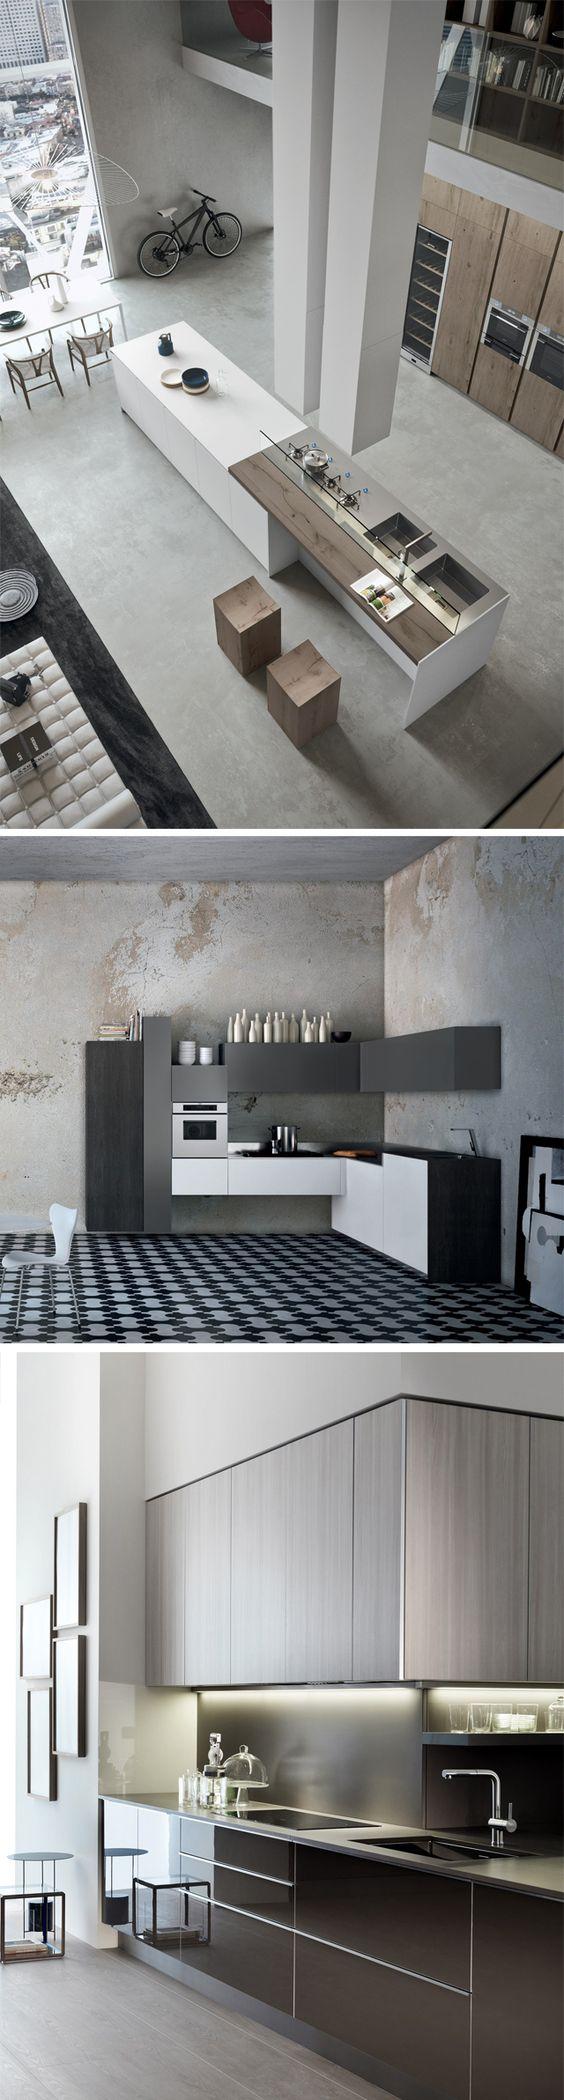 Cocina con el color del suelo